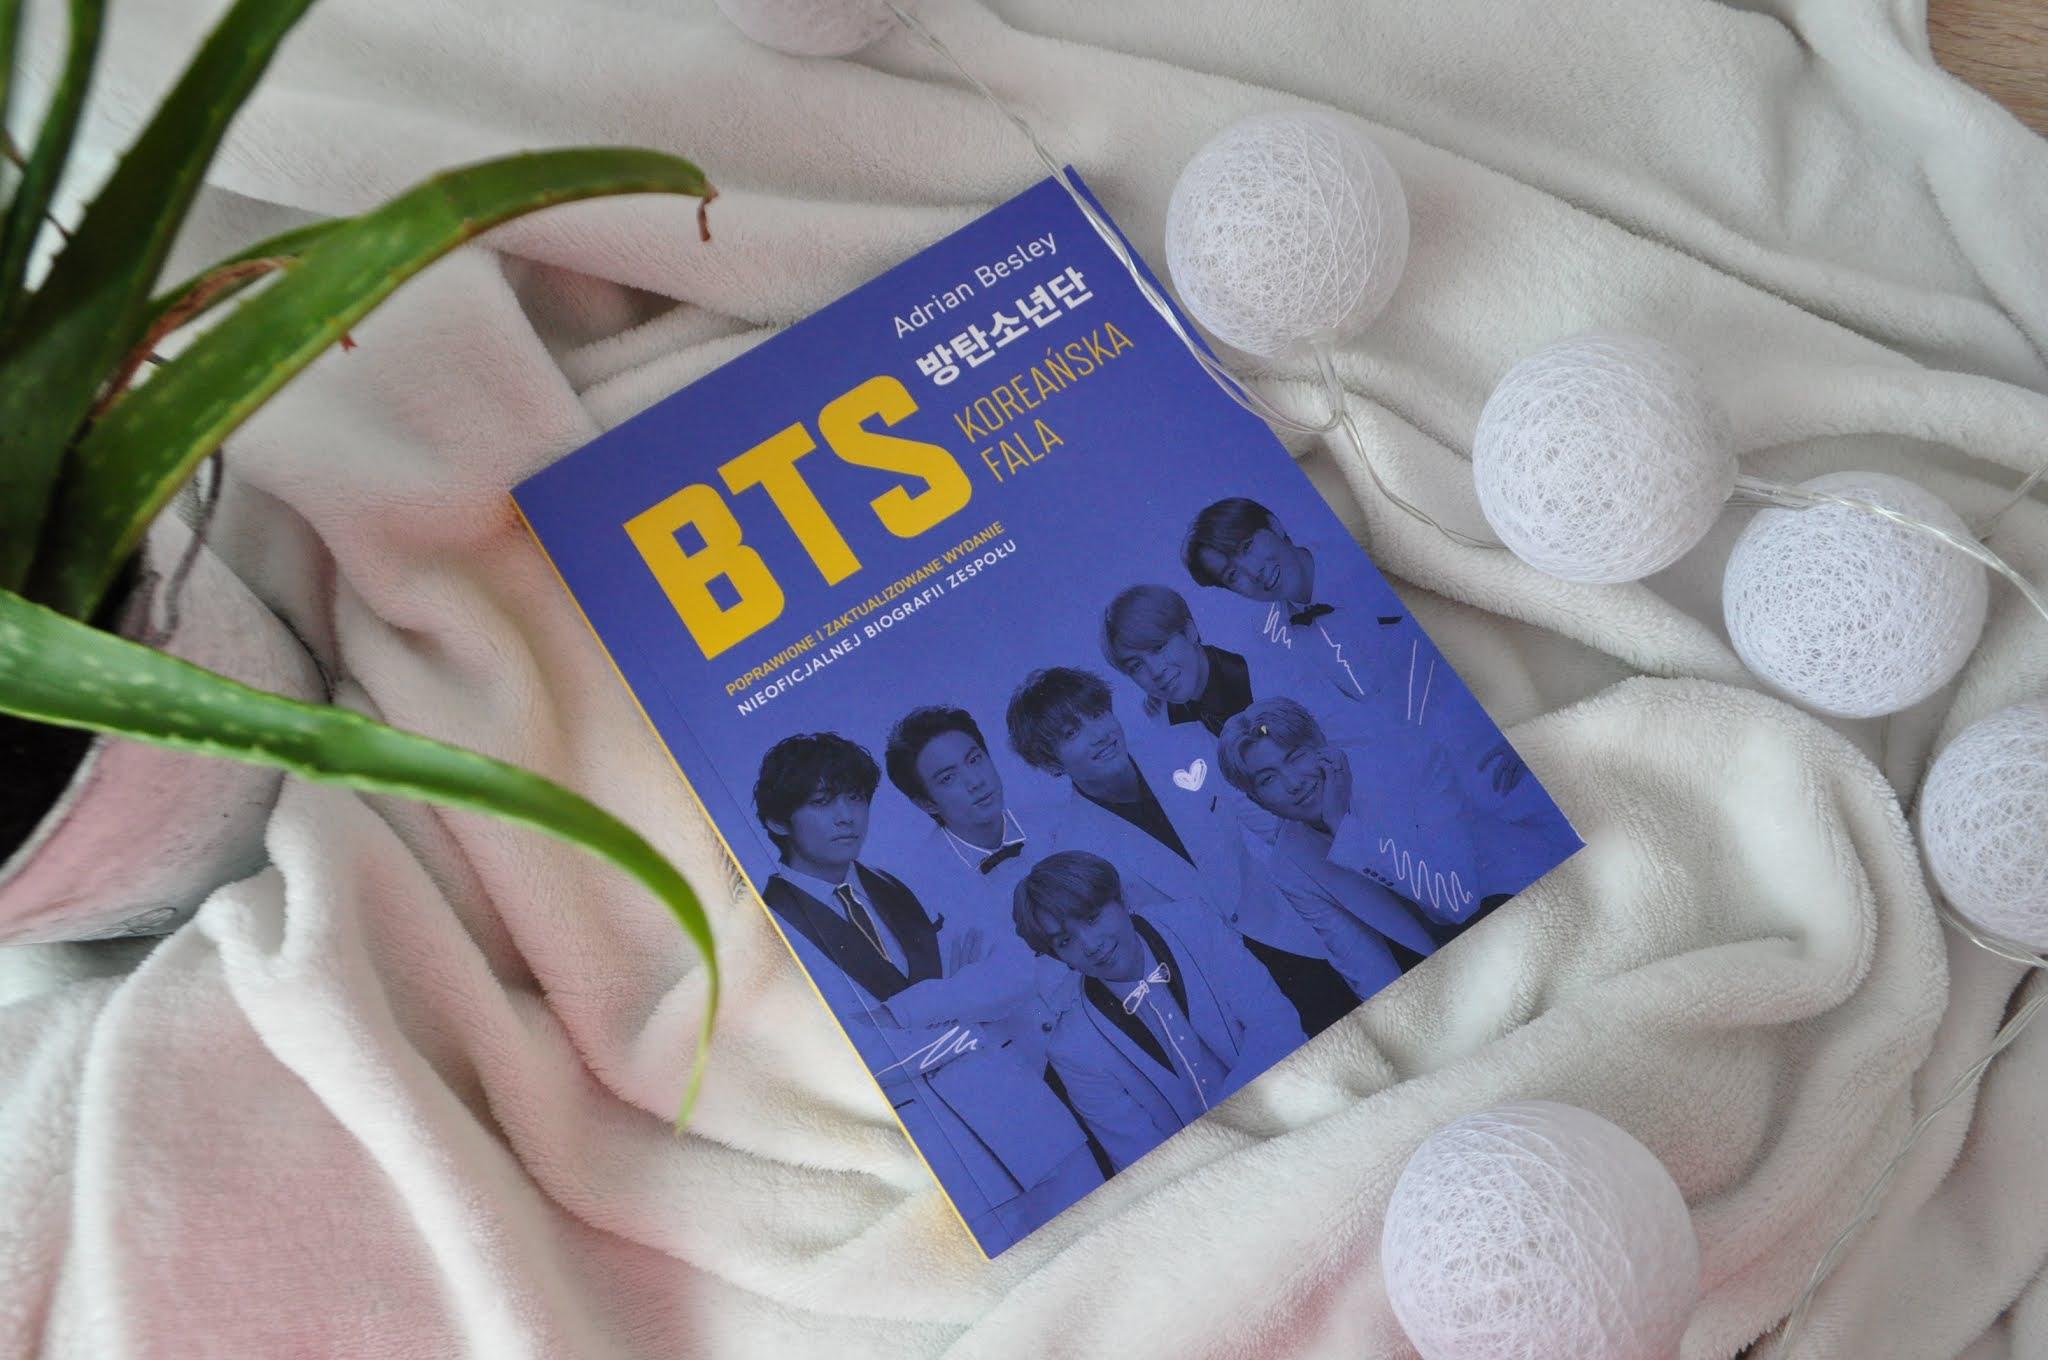 """""""BTS Koreańska fala. Poprawione i zaktualizowane wydanie nieoficjalnej biografii zespołu"""" - Adrian Besley RECENZJA 📖"""